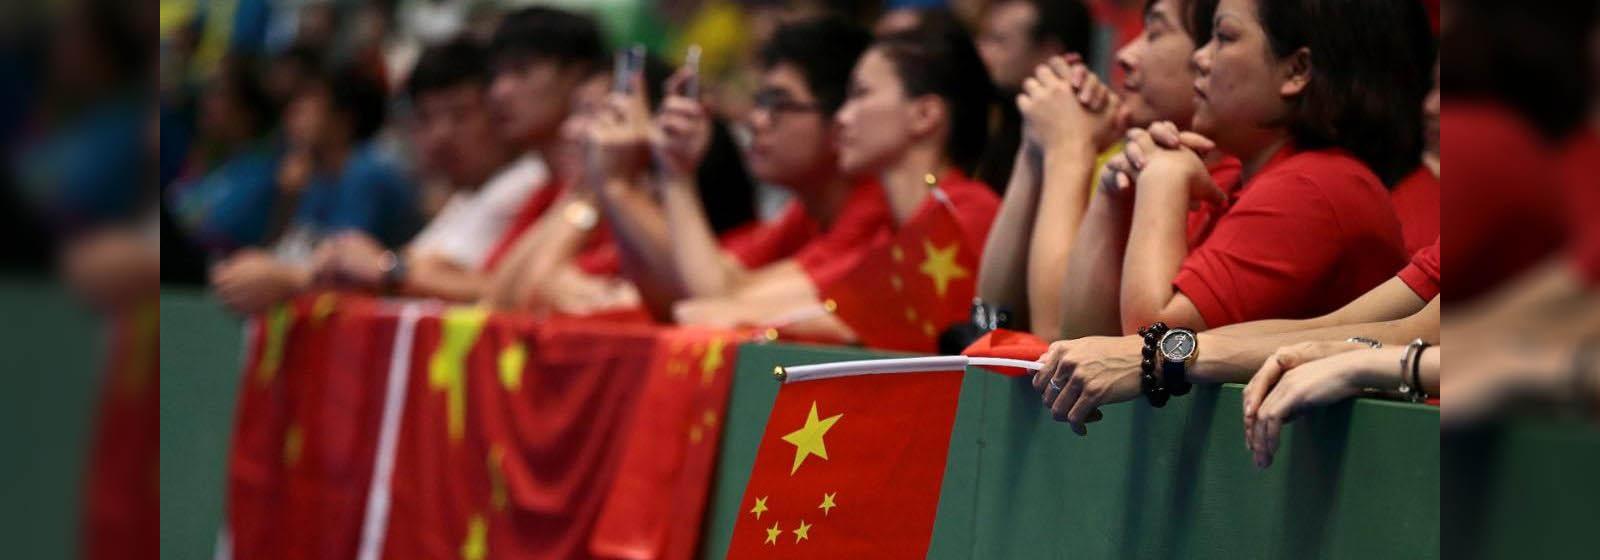 Китай на Олимпийских играх: патриоты и прагматики